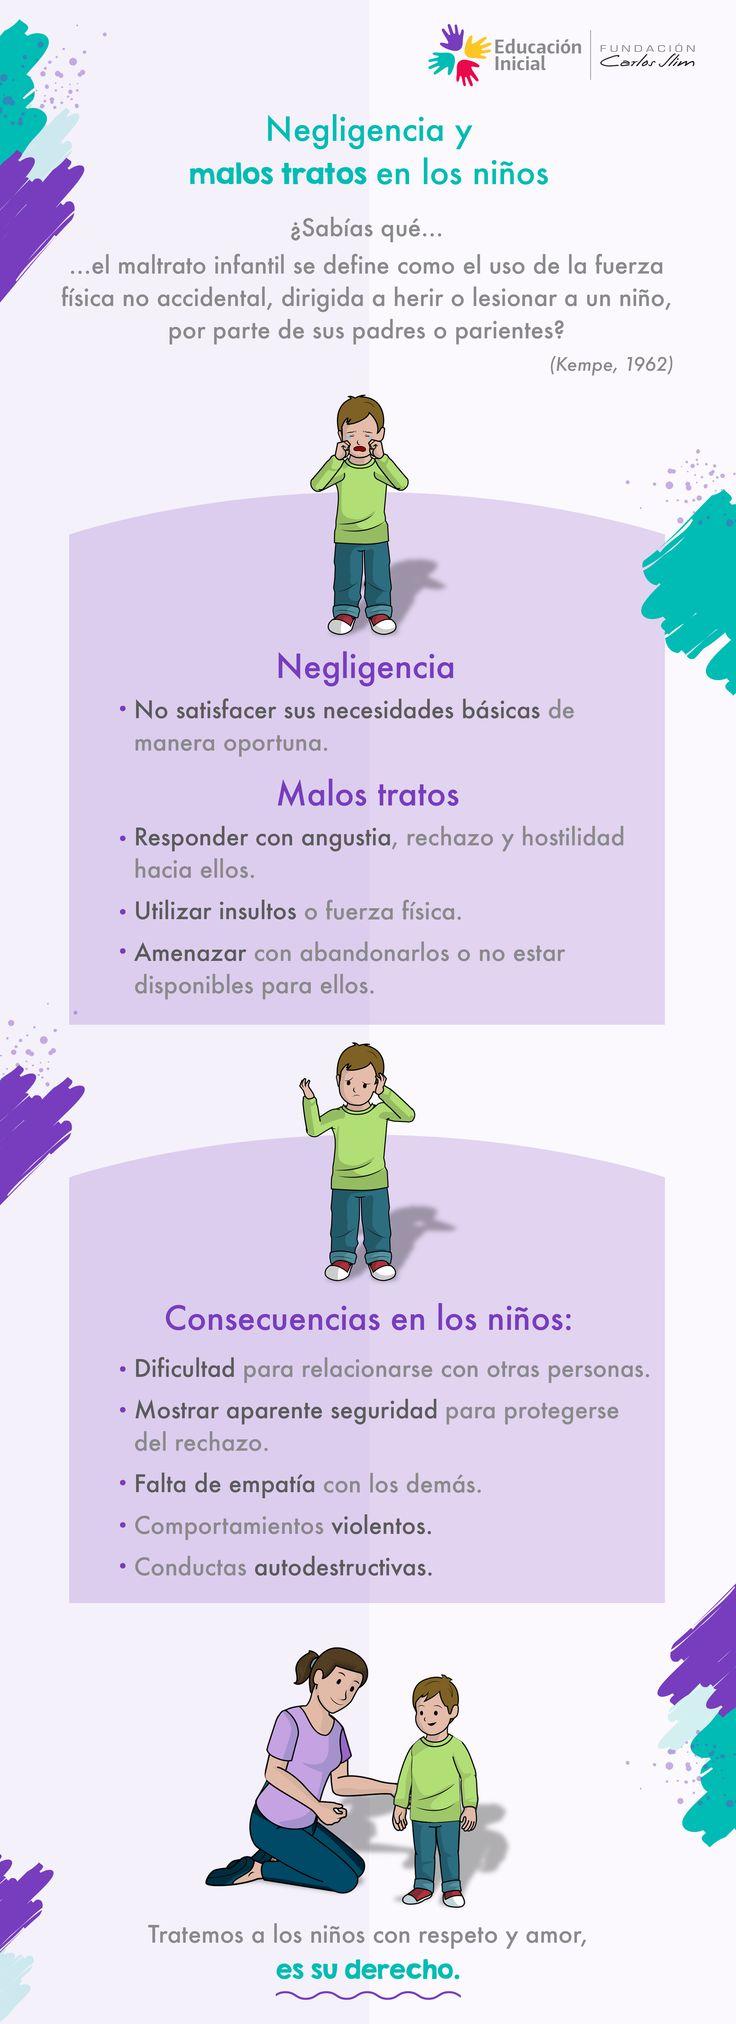 #Niños #Bebés #Maltrato #Violencia #Negligencia #Cuidados